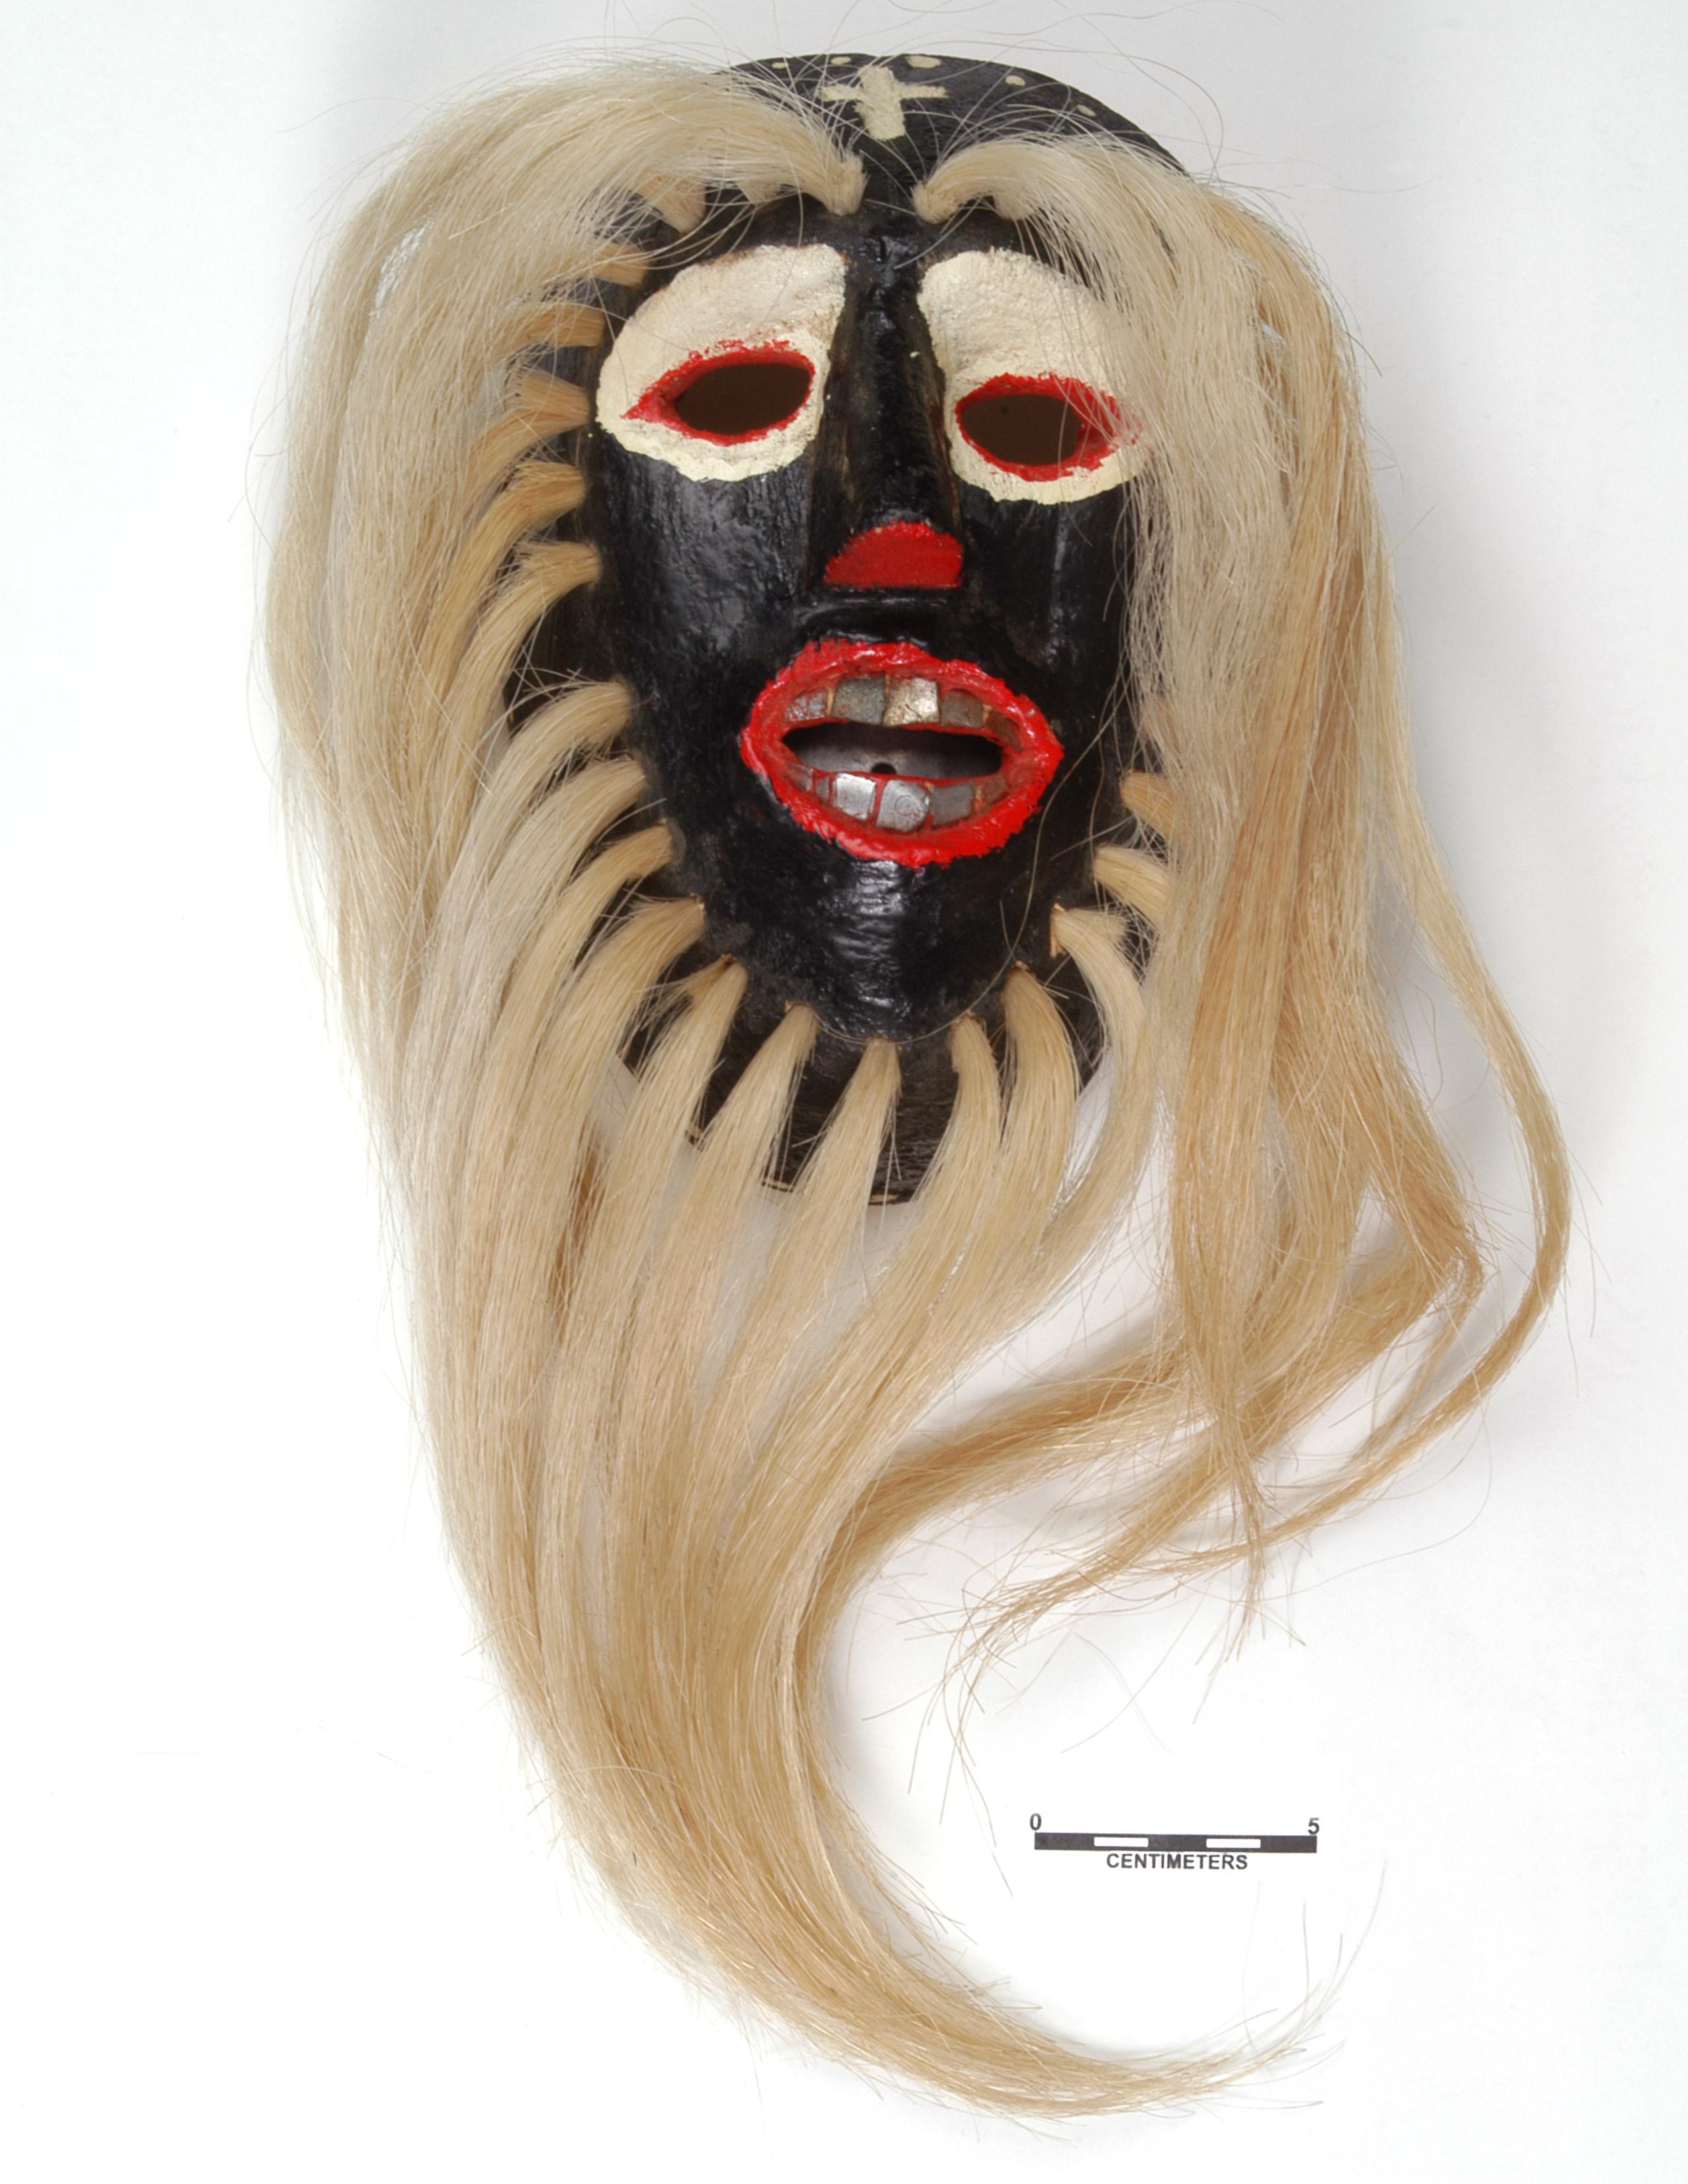 Maker: Tránsito Duarte Matus, Navojoa; date made unknown, acquired 1965